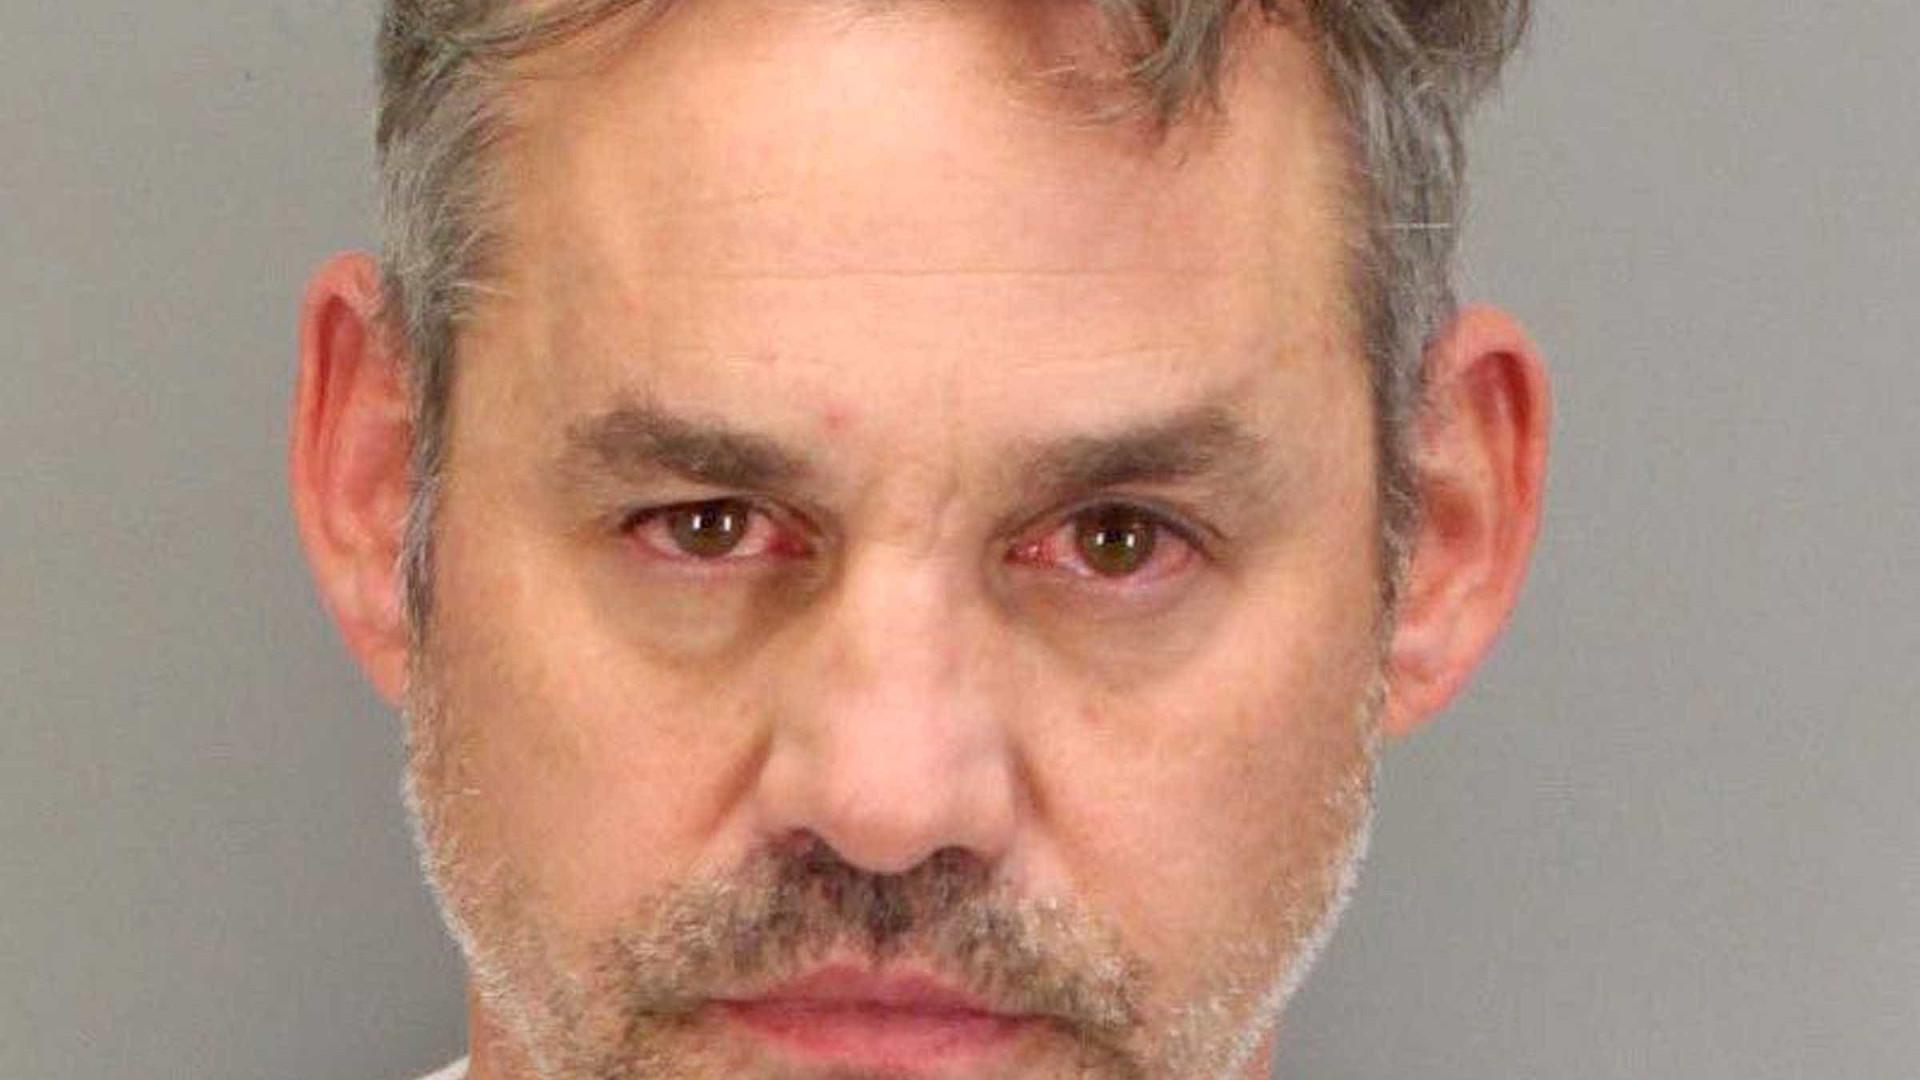 Ator de Buffy é preso novamente após ser acusado de atacar a namorada